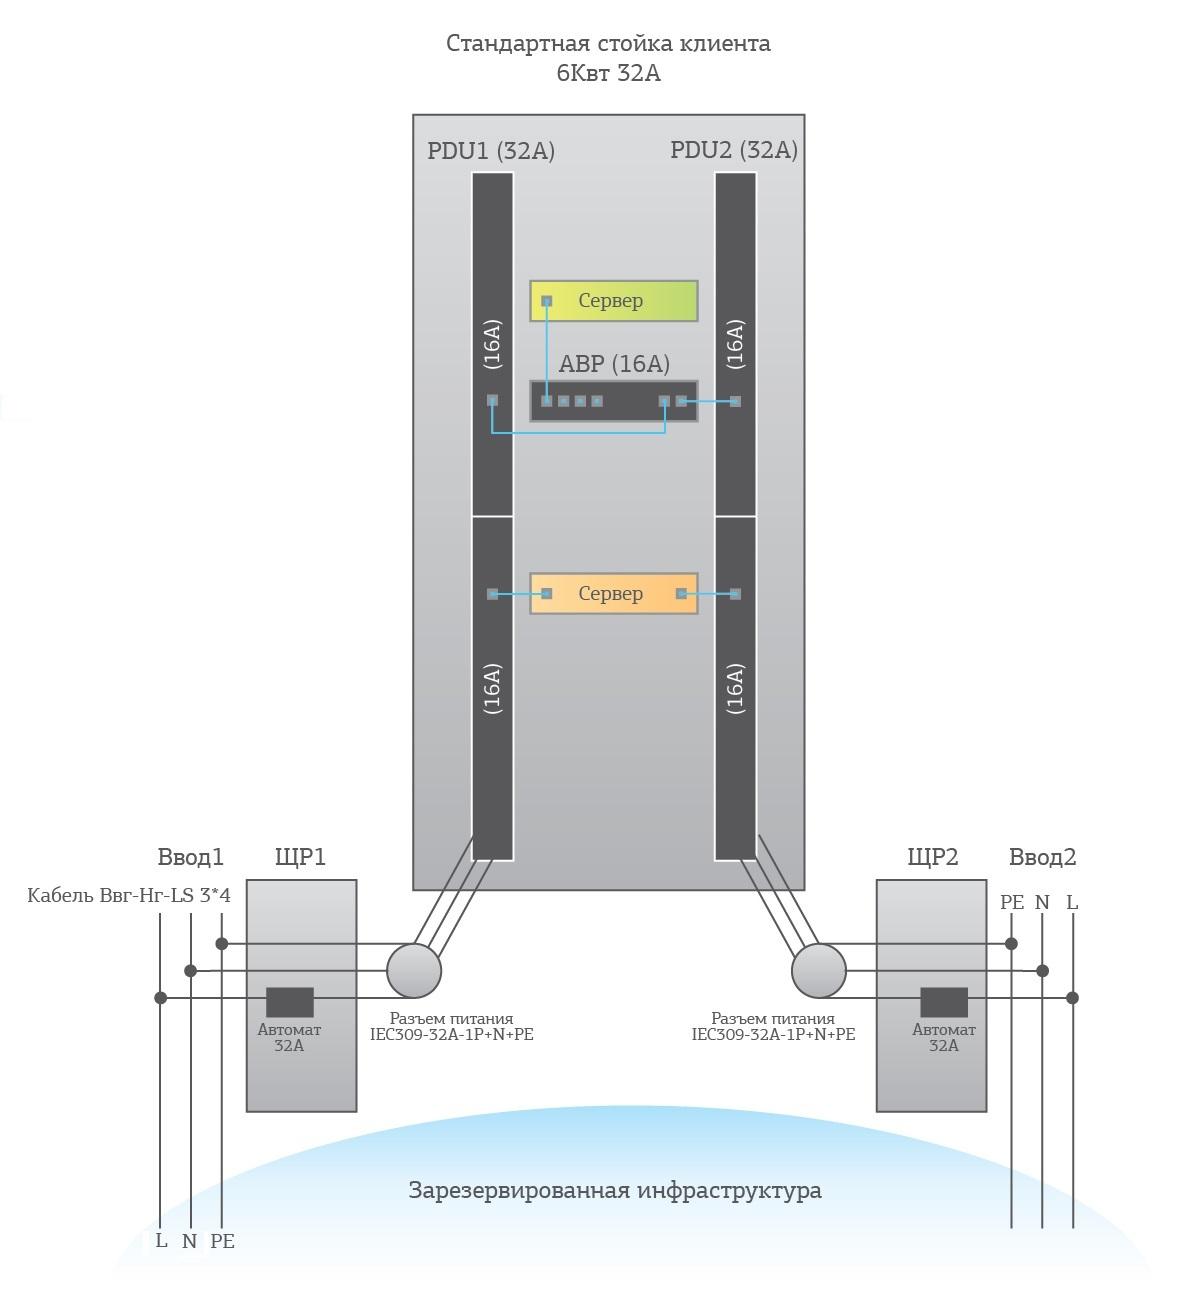 О животрепещущем в эксплуатации дата-центра - 7